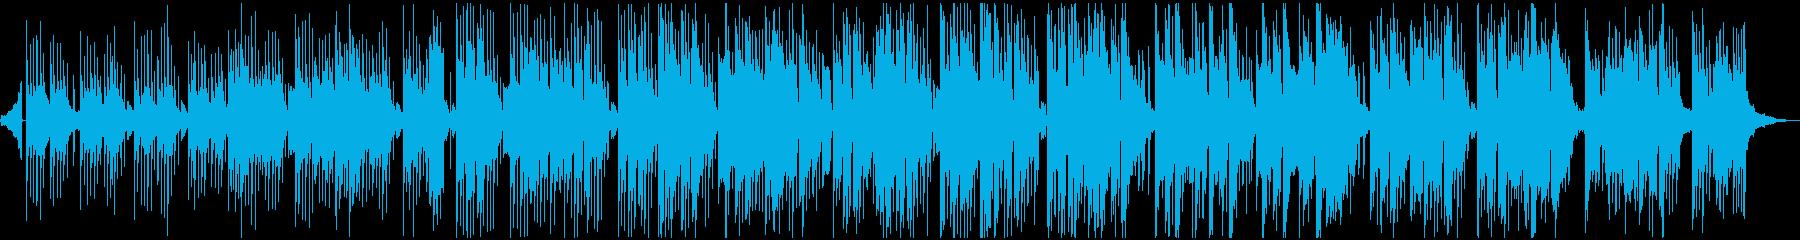 激しくない、優しい音のエレクトロニカ曲の再生済みの波形